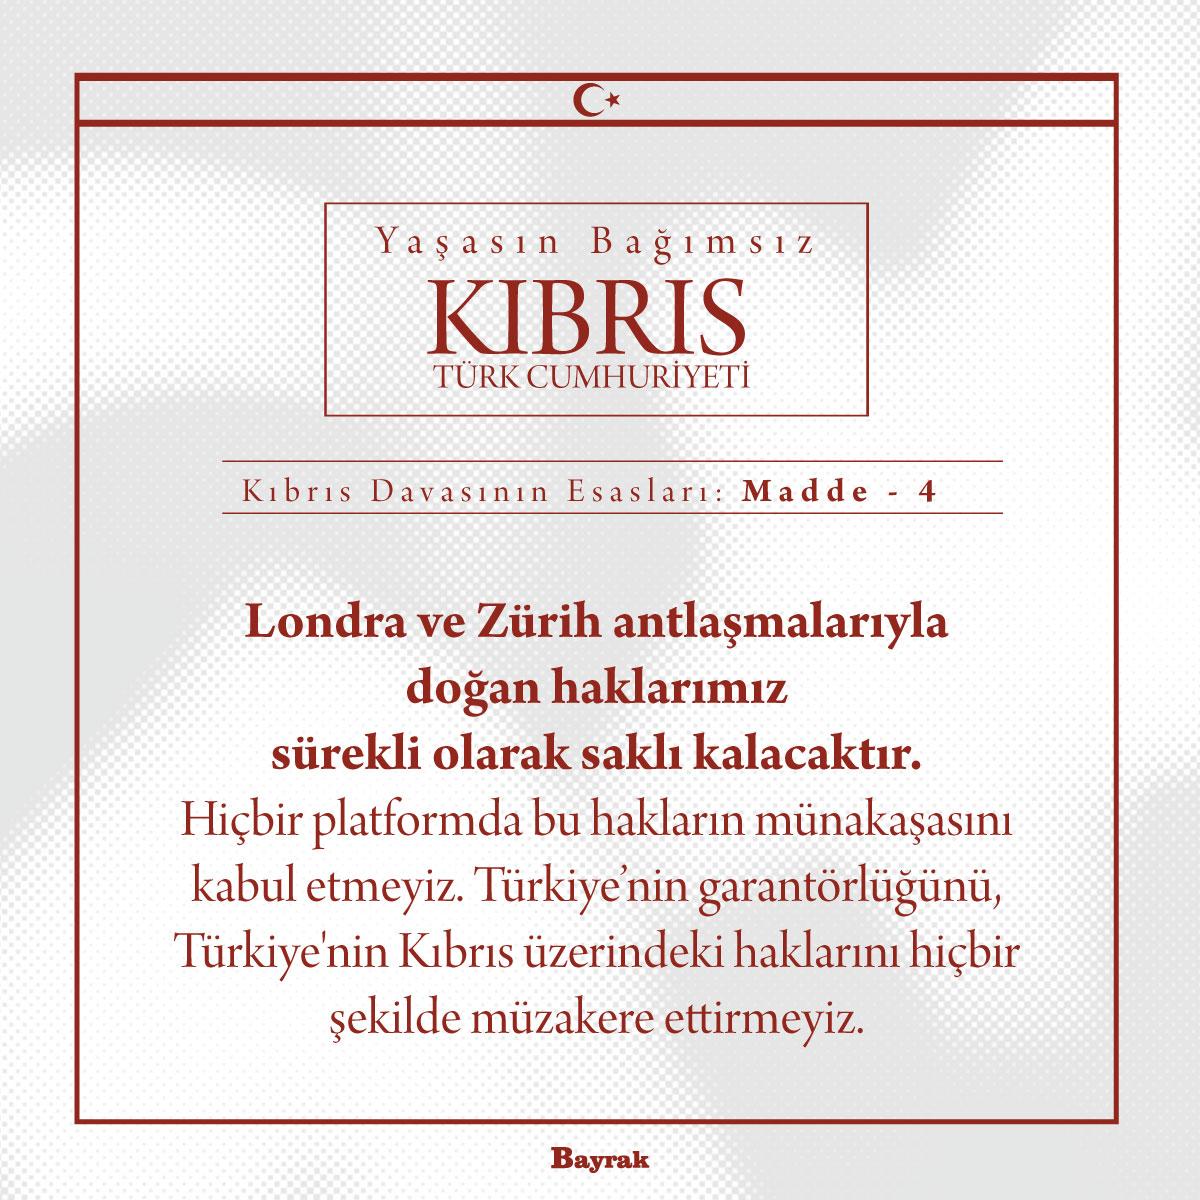 Kıbrıs Davasının Esasları-4